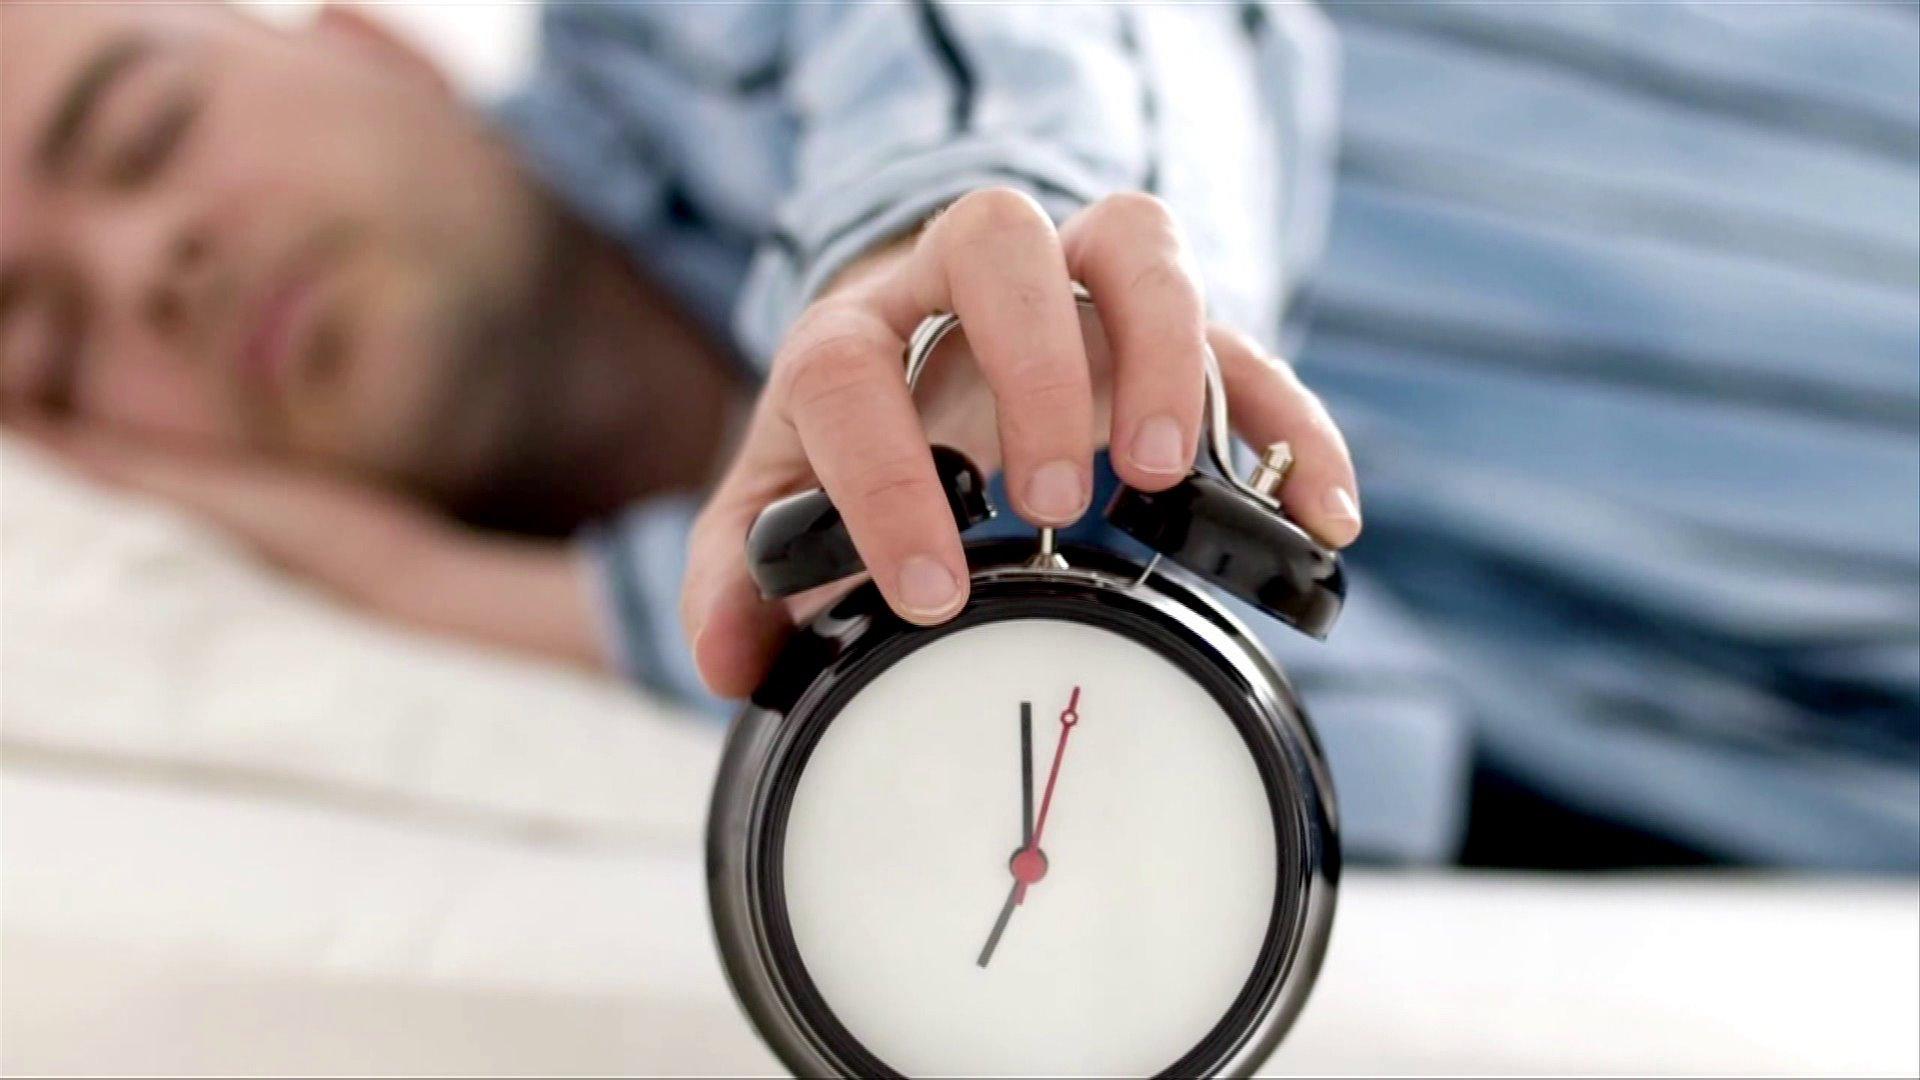 Kiat Bugar Selama Berpuasa dengan Menjaga Pola Tidur